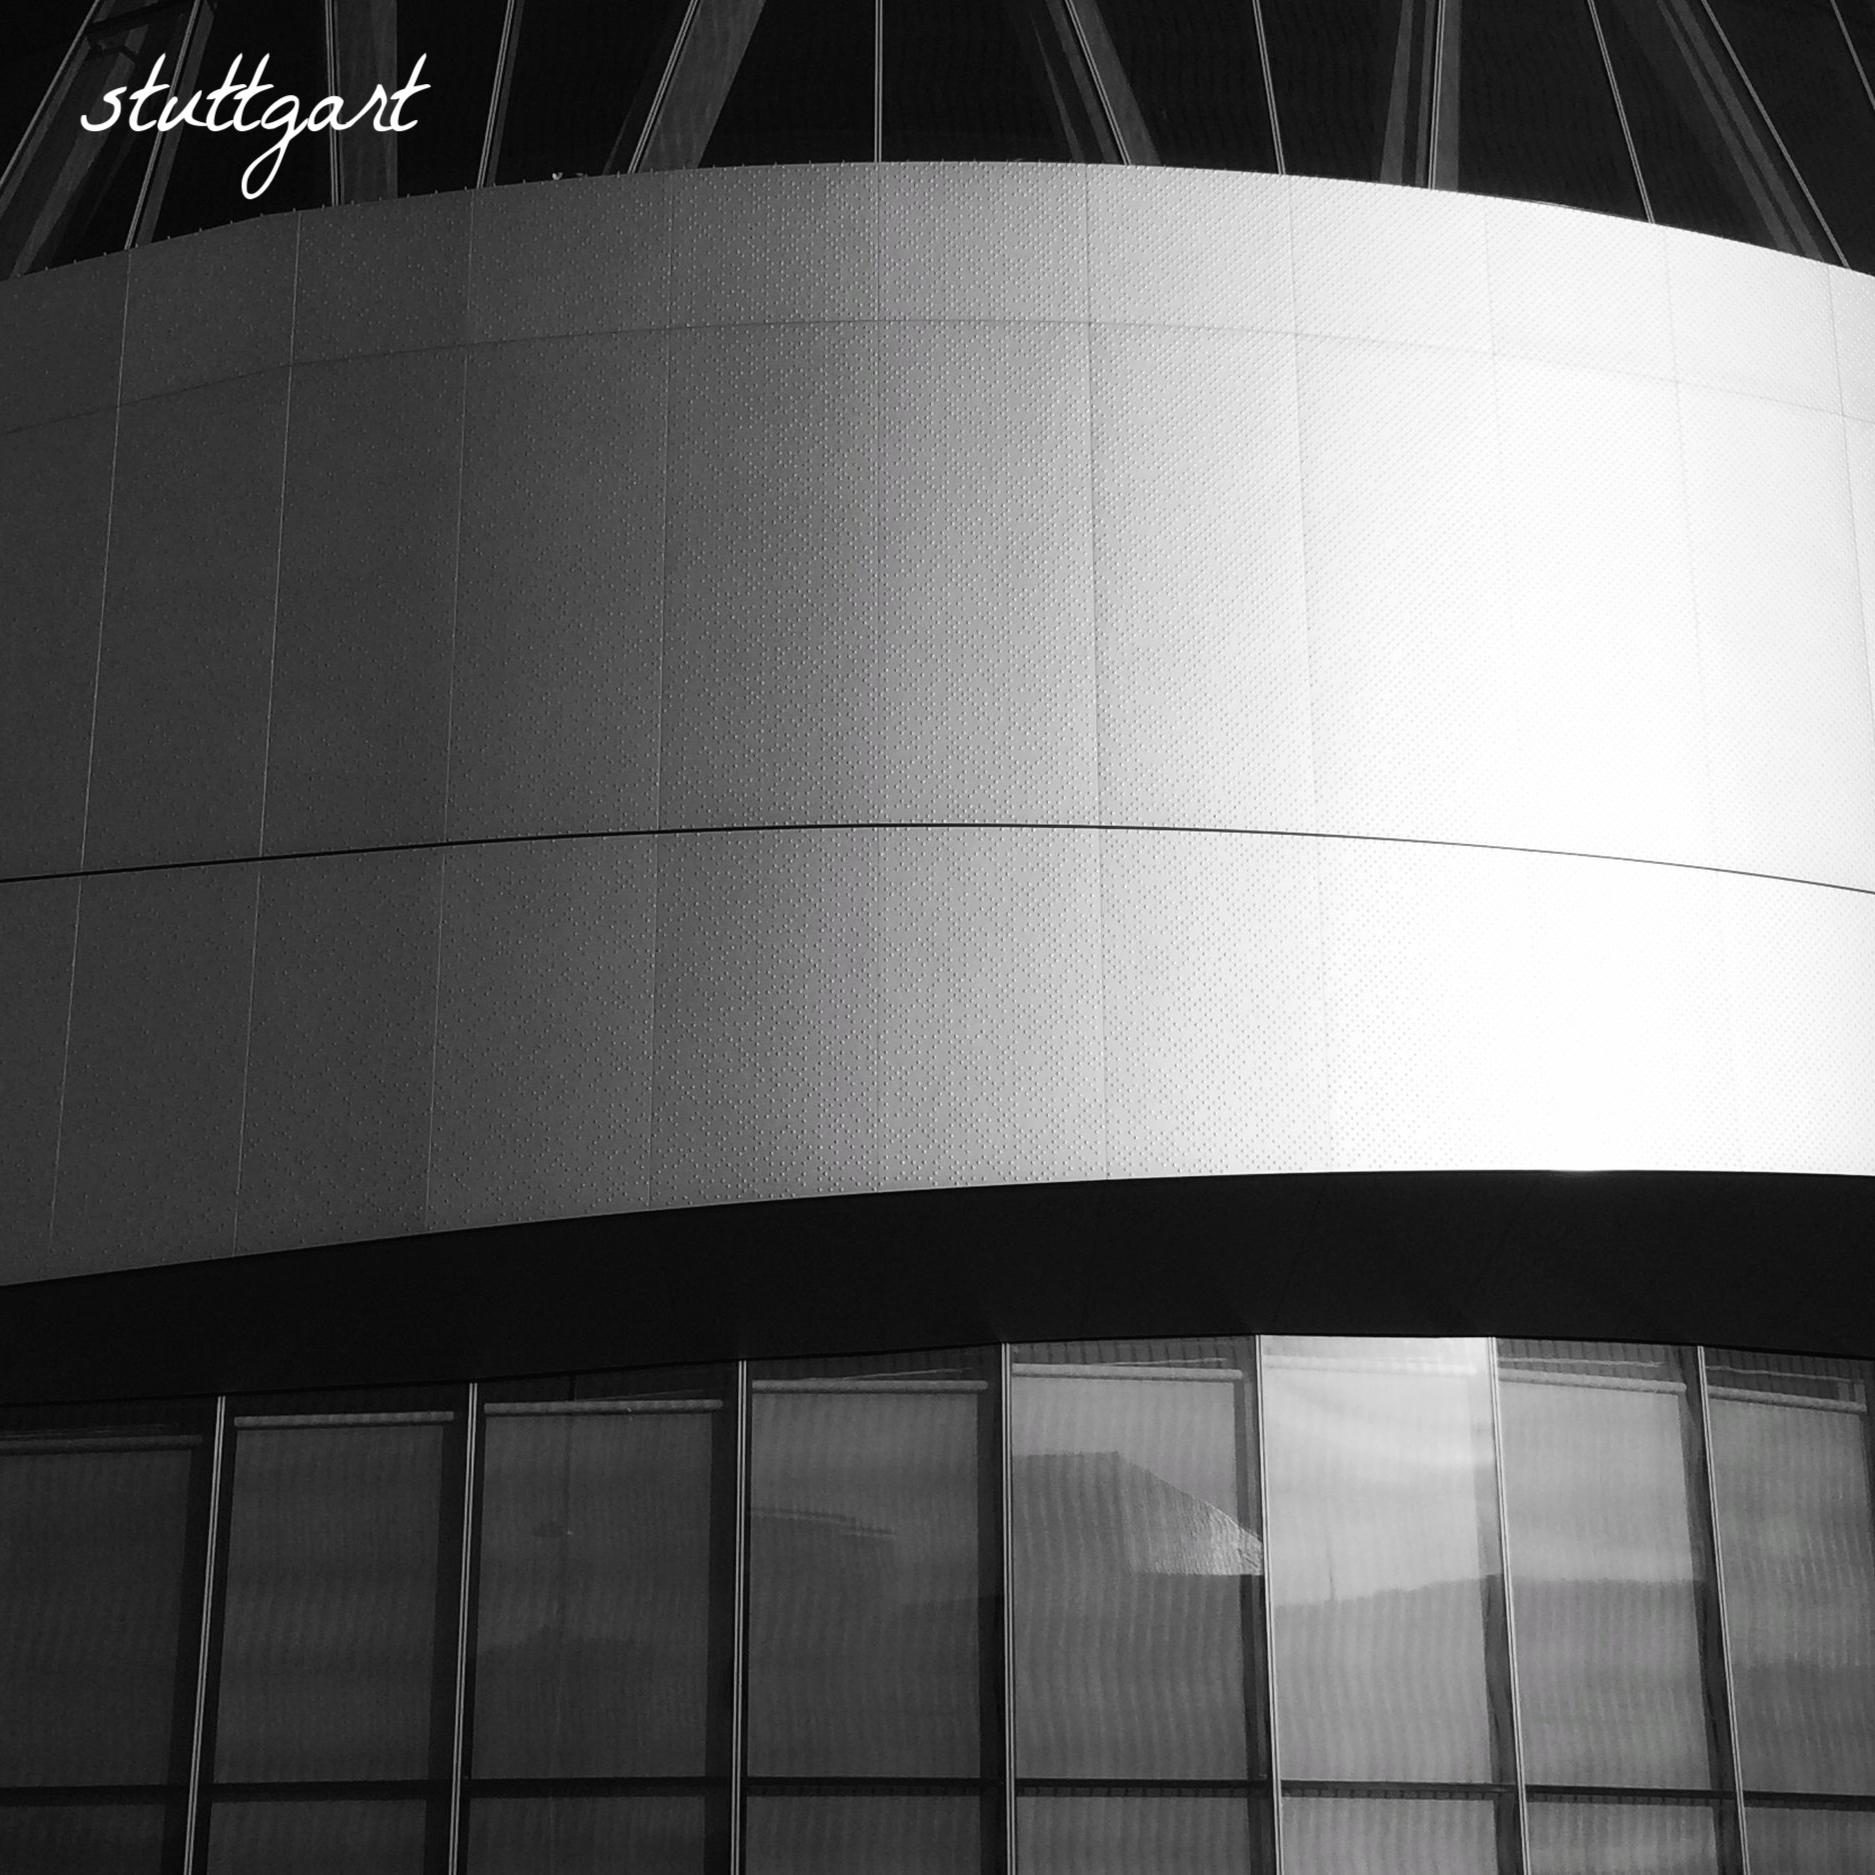 stuttgart_home